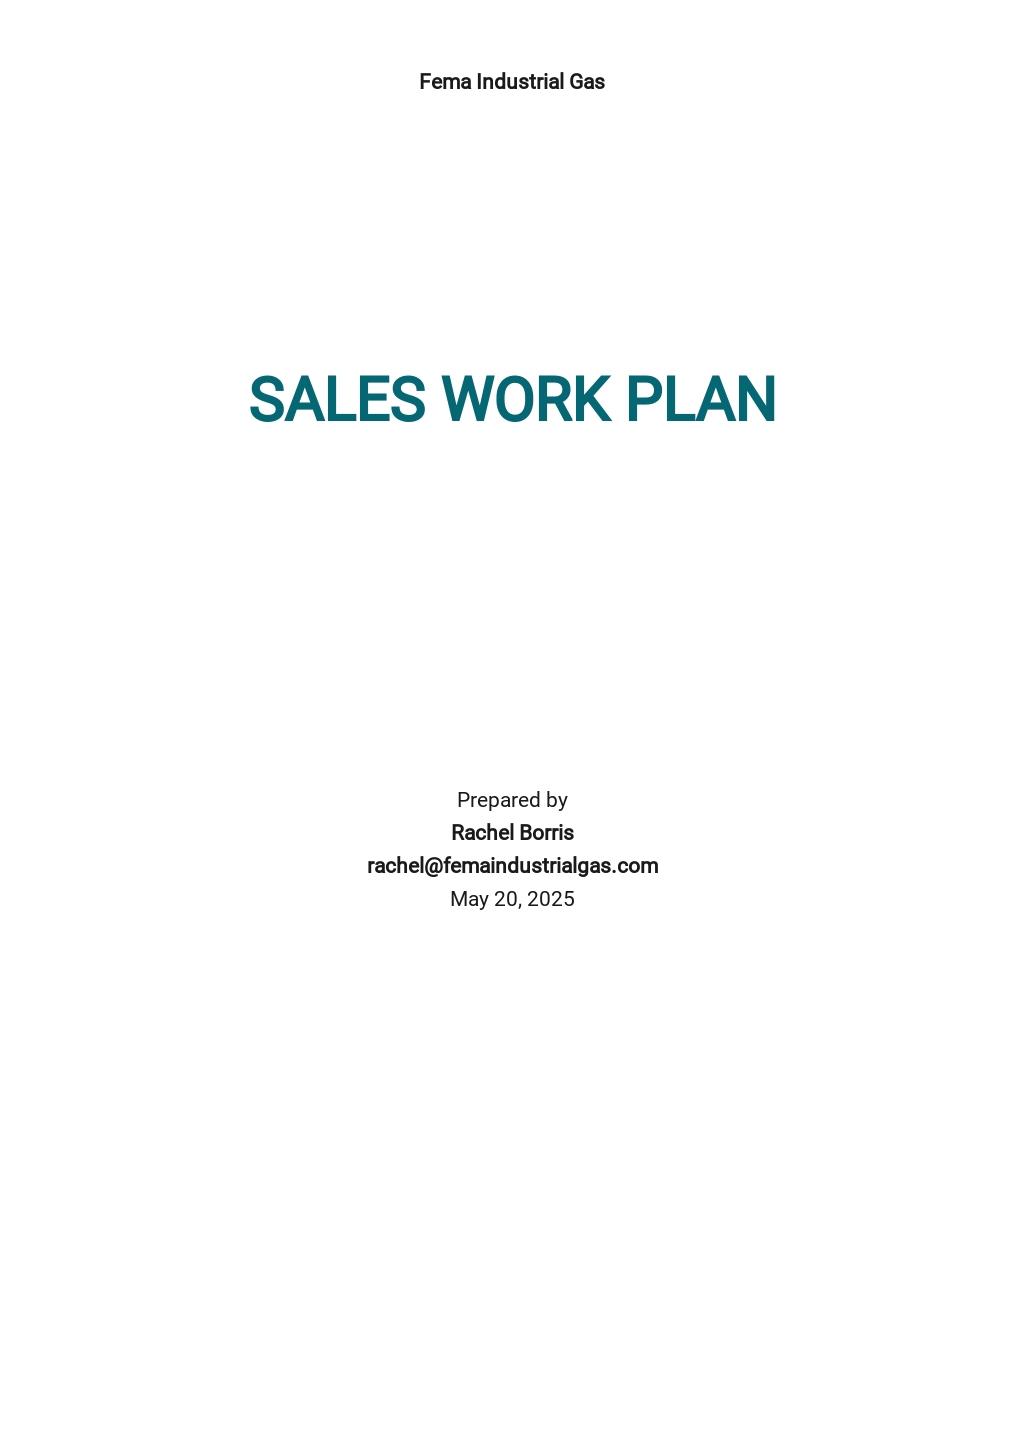 Sales Work Plan Template.jpe